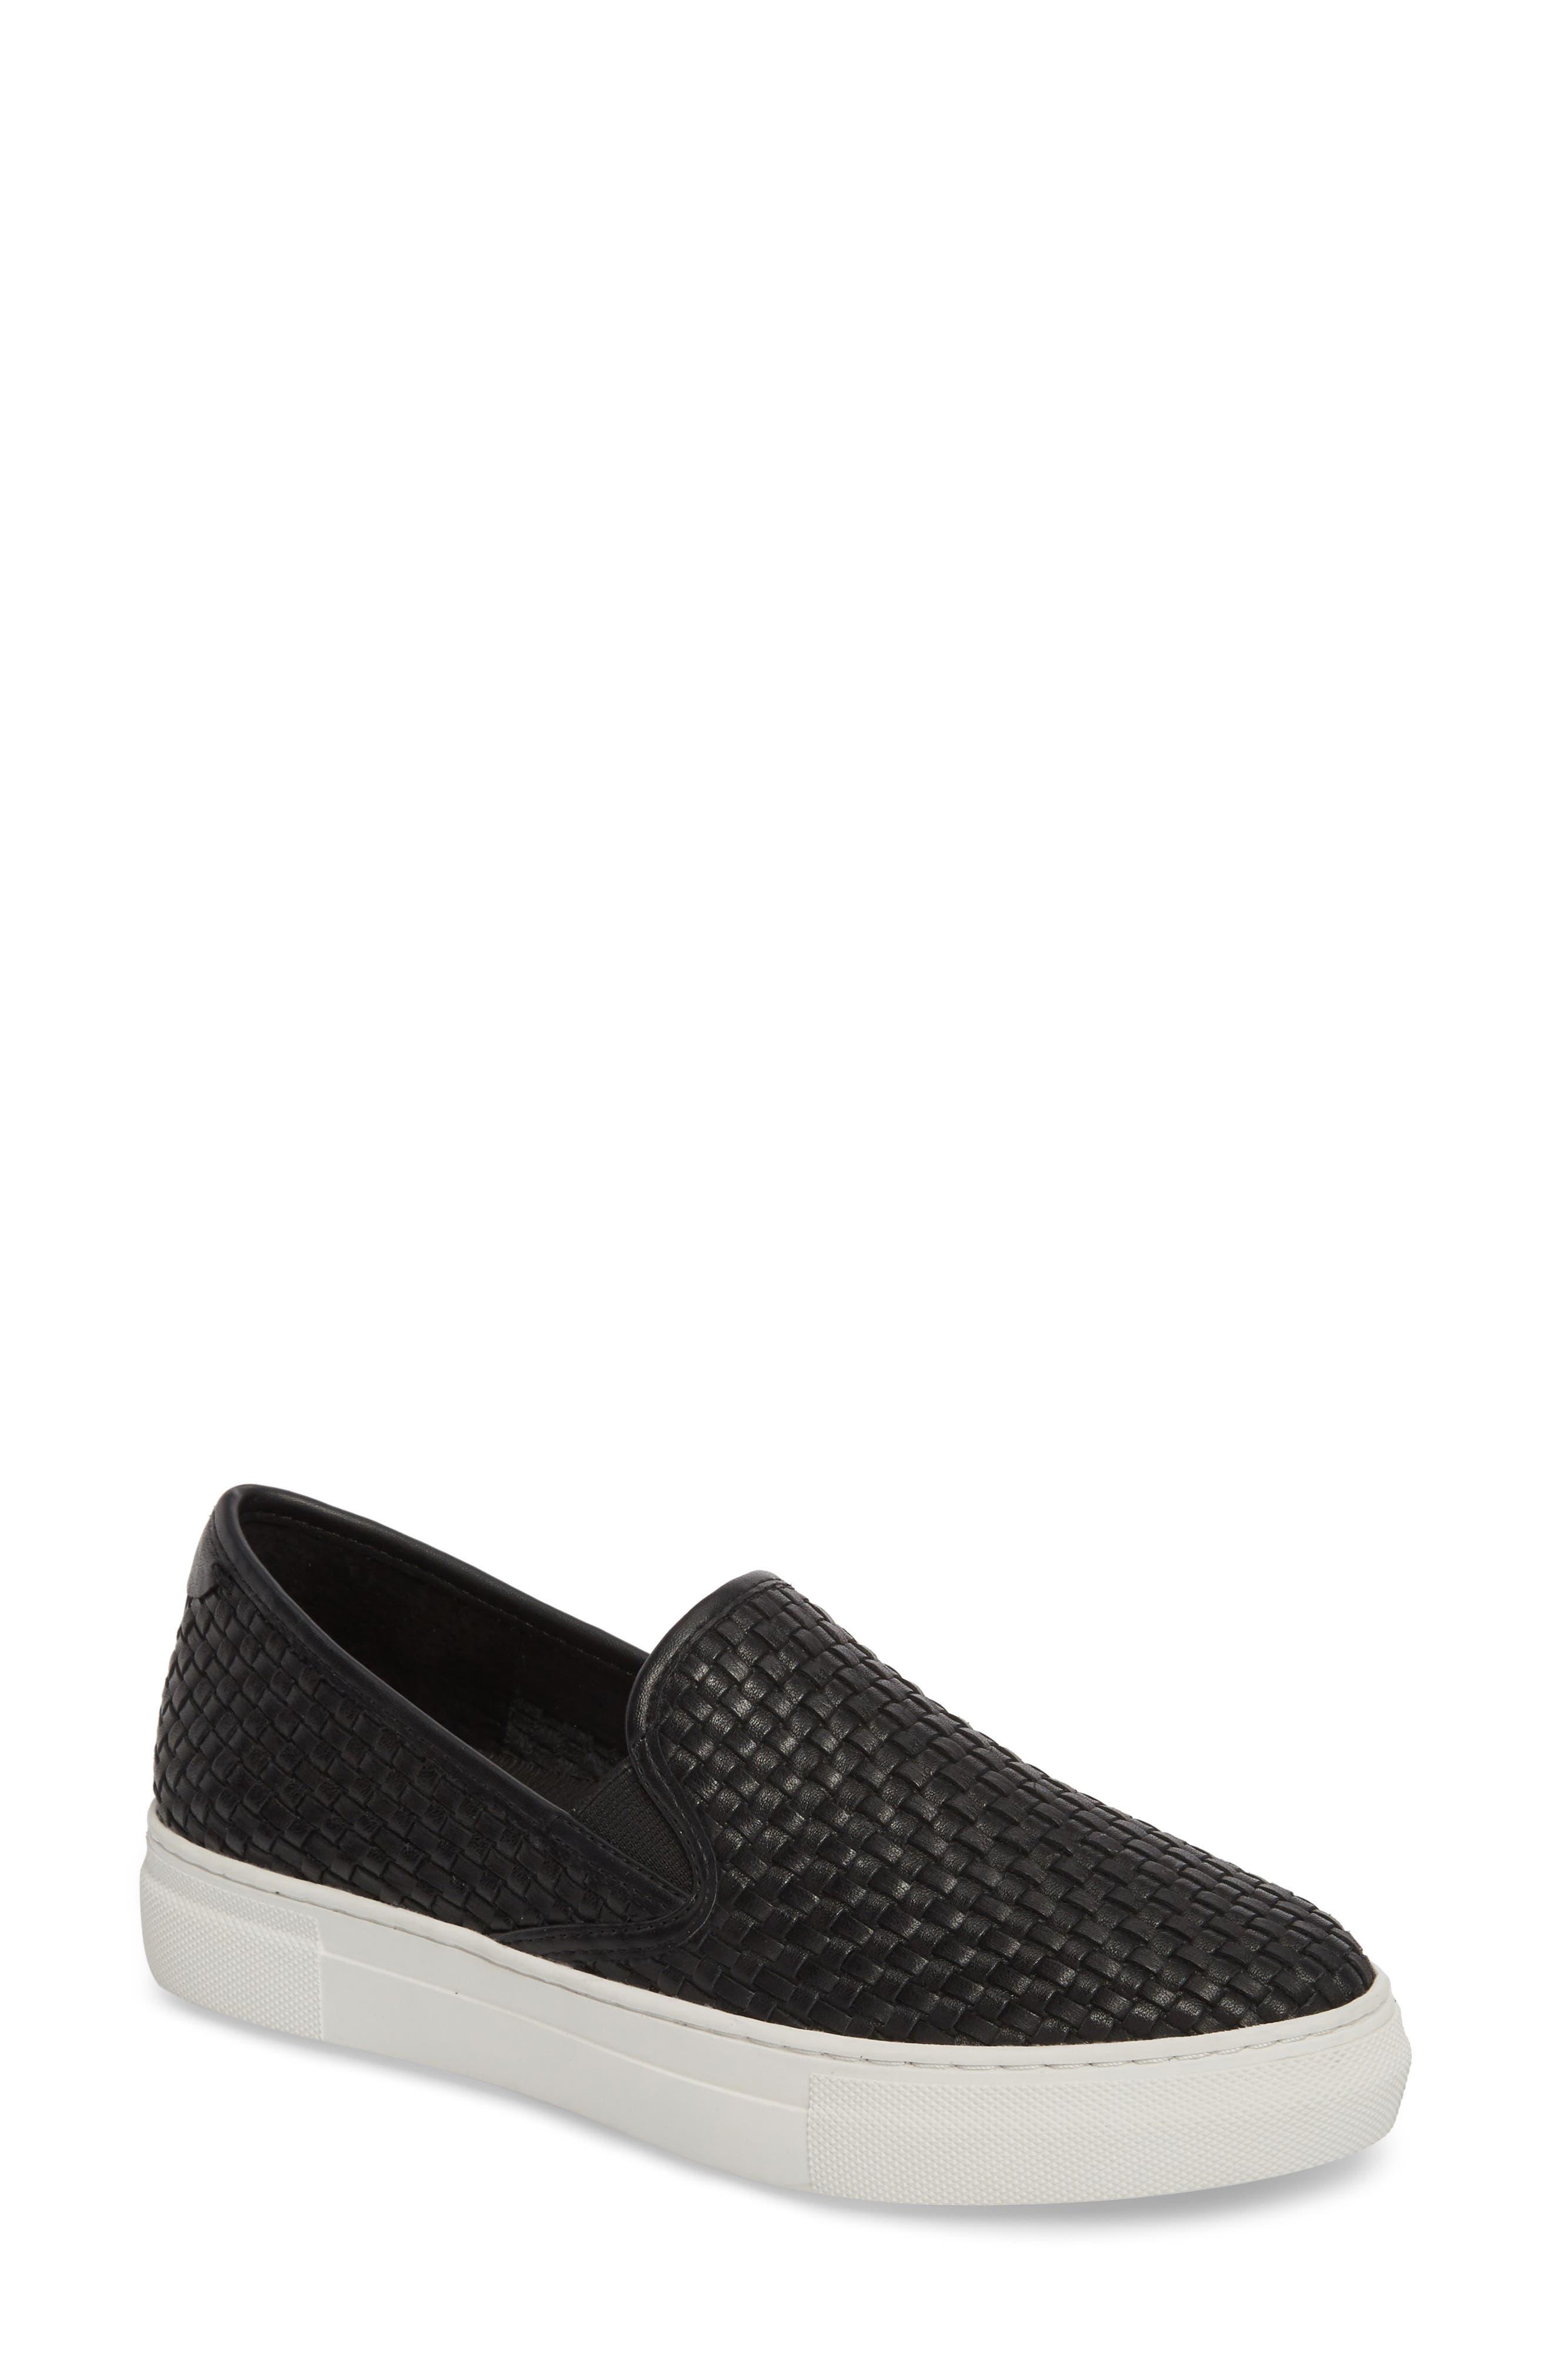 Flynn Slip-On Sneaker, Main, color, 015